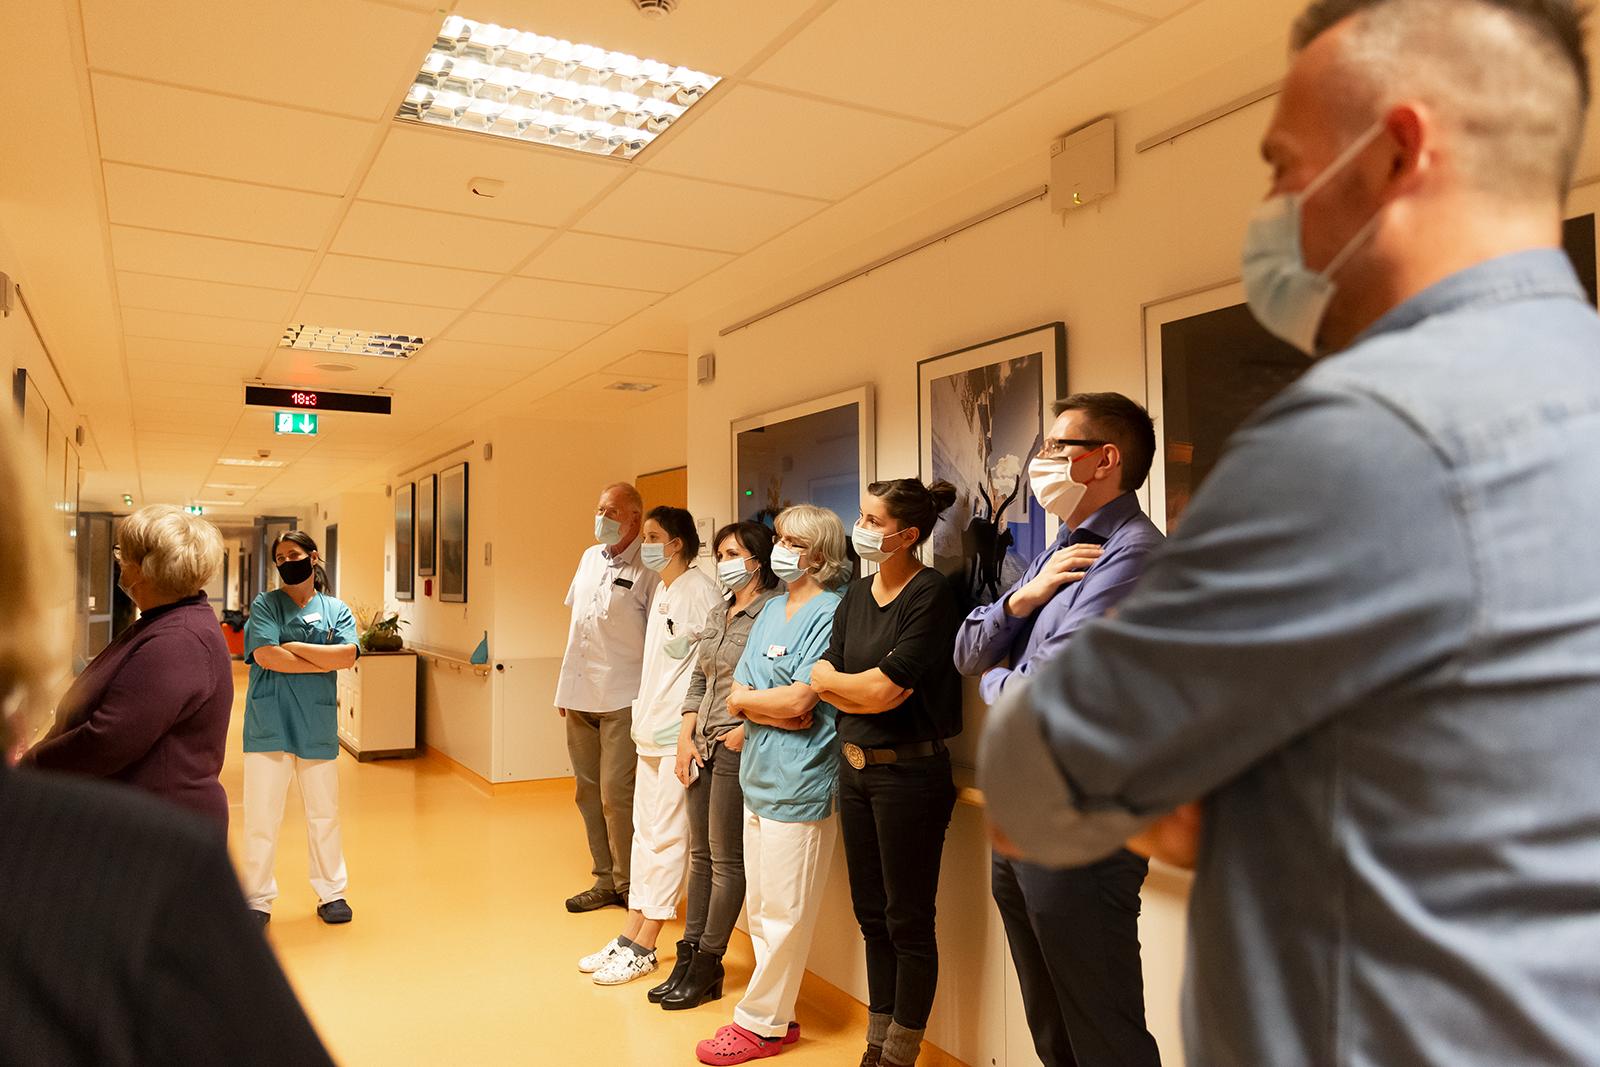 Vernissage der 19. Bilderausstellung am 12. Oktober 2020 auf der Palliativstation der Ilm-Kreis-Kliniken in Ilmenau